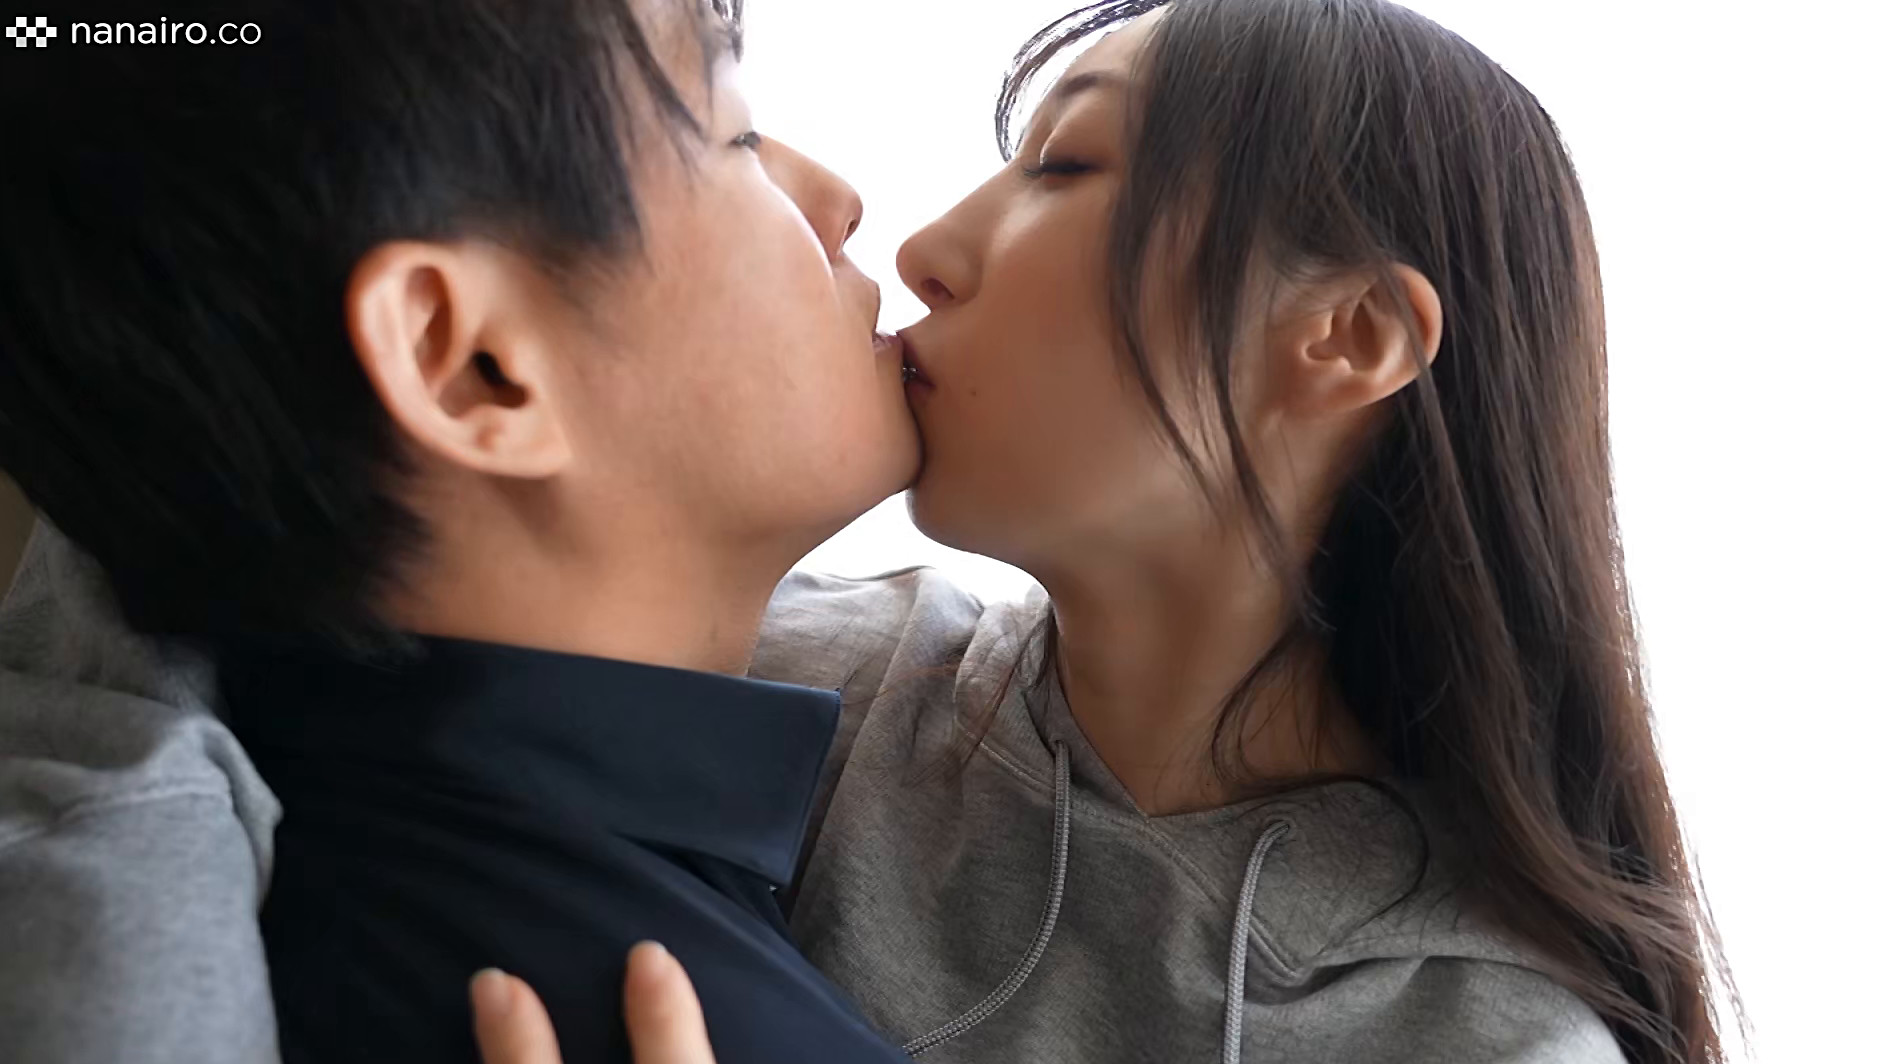 S-Cute ゆら(24) 笑顔でイっちゃうスレンダー娘とSEX 画像2